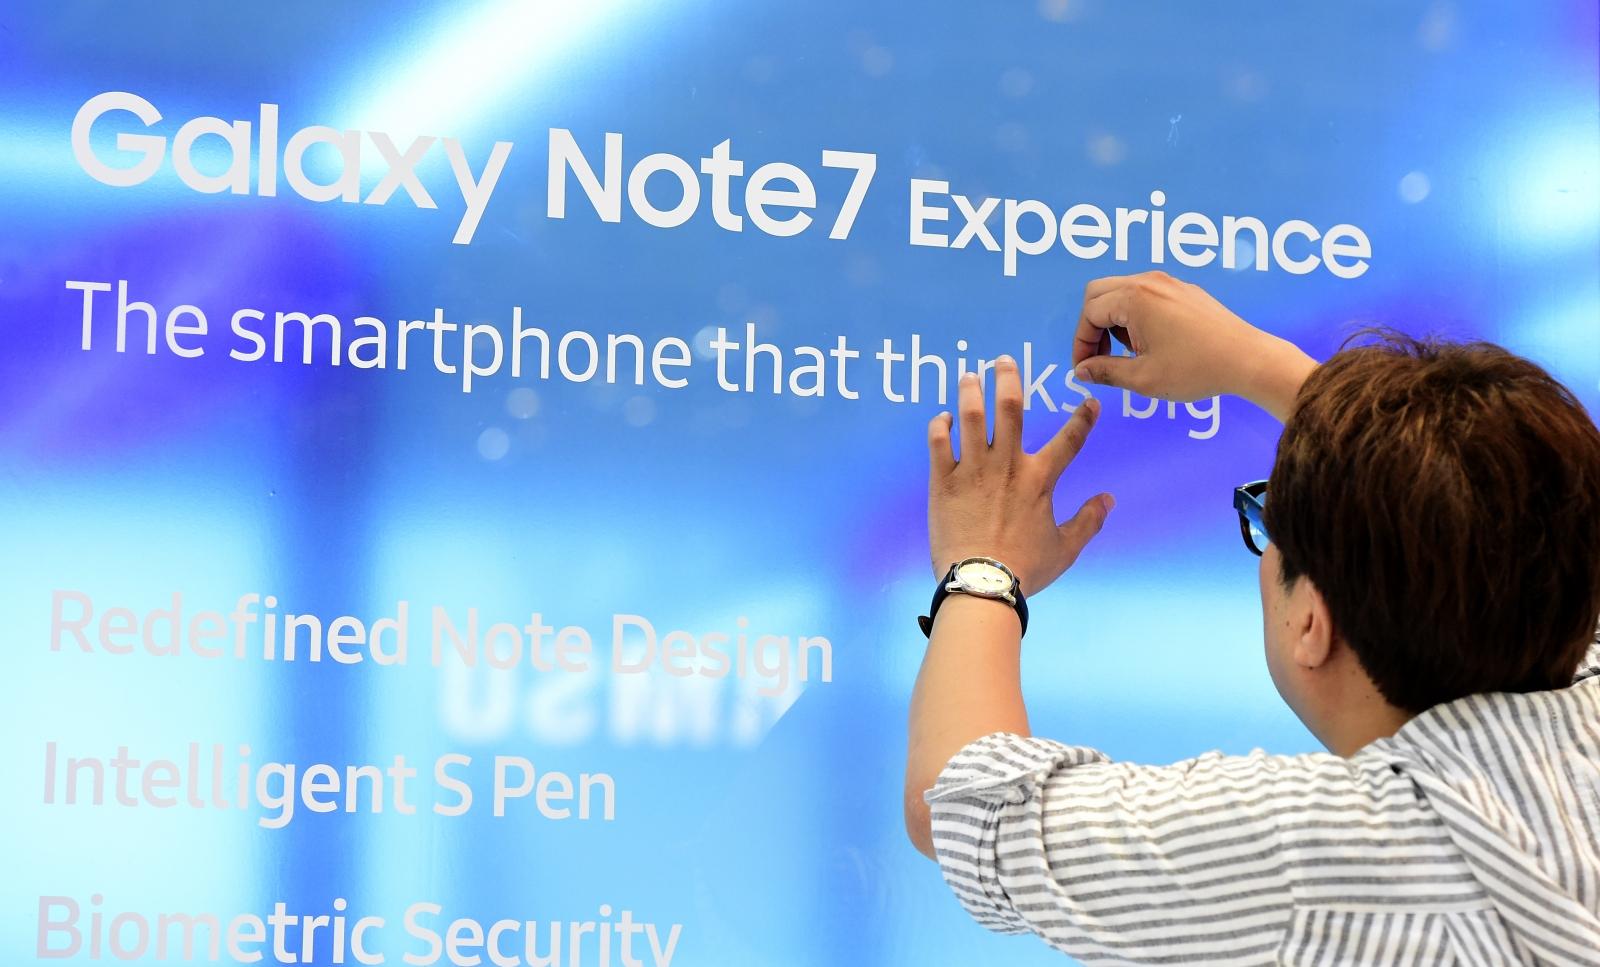 Galaxy Note 7 explosion damage